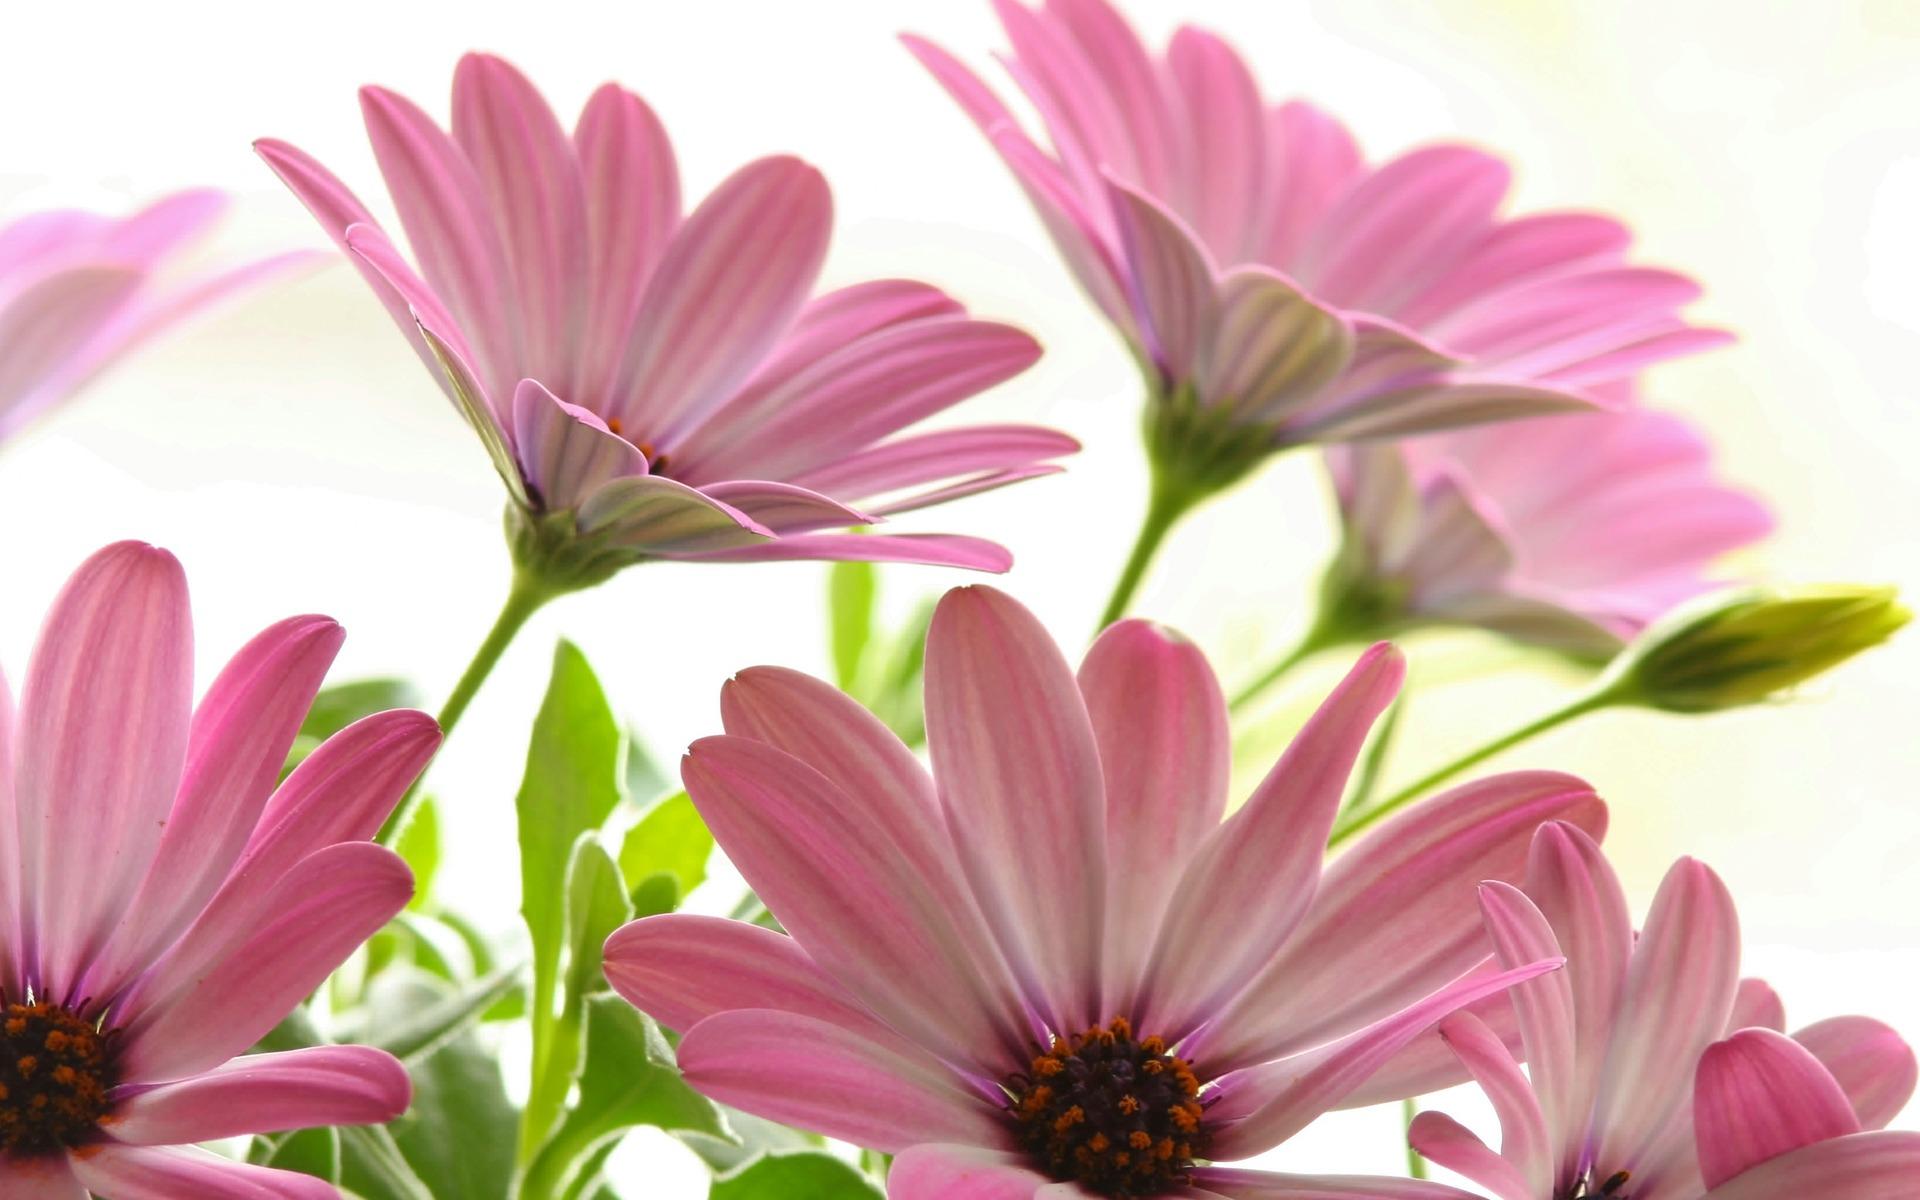 Wallpaper Nature Flowers Live Adsleaf